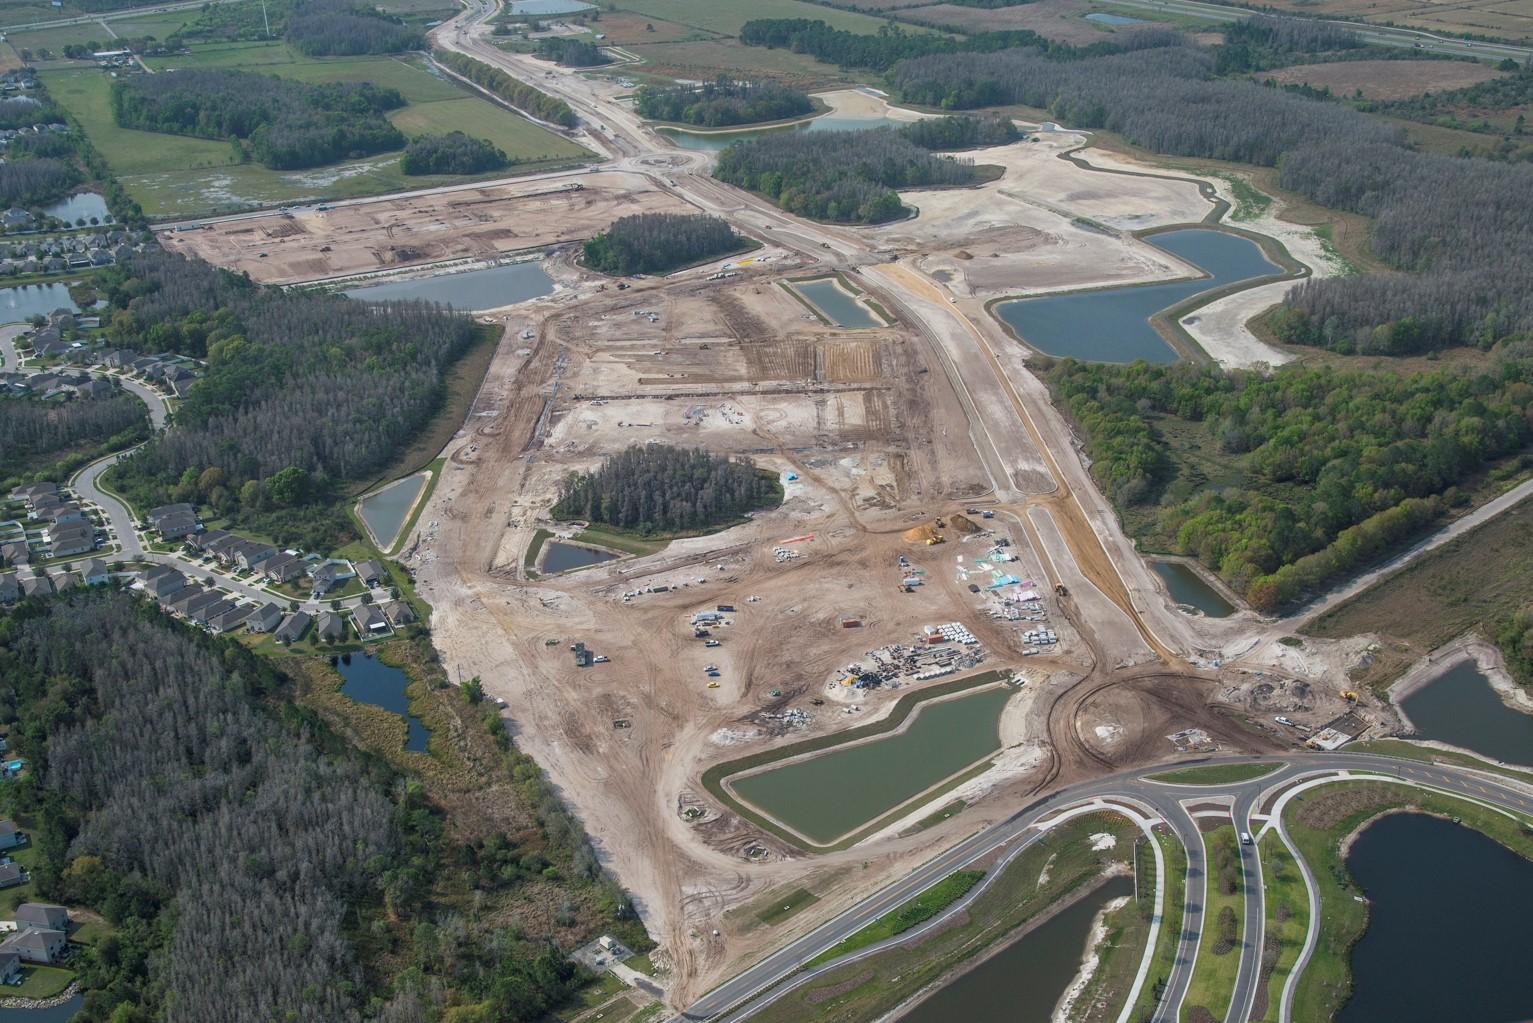 Bexley Property Phase B 3-7-17 01.jpg